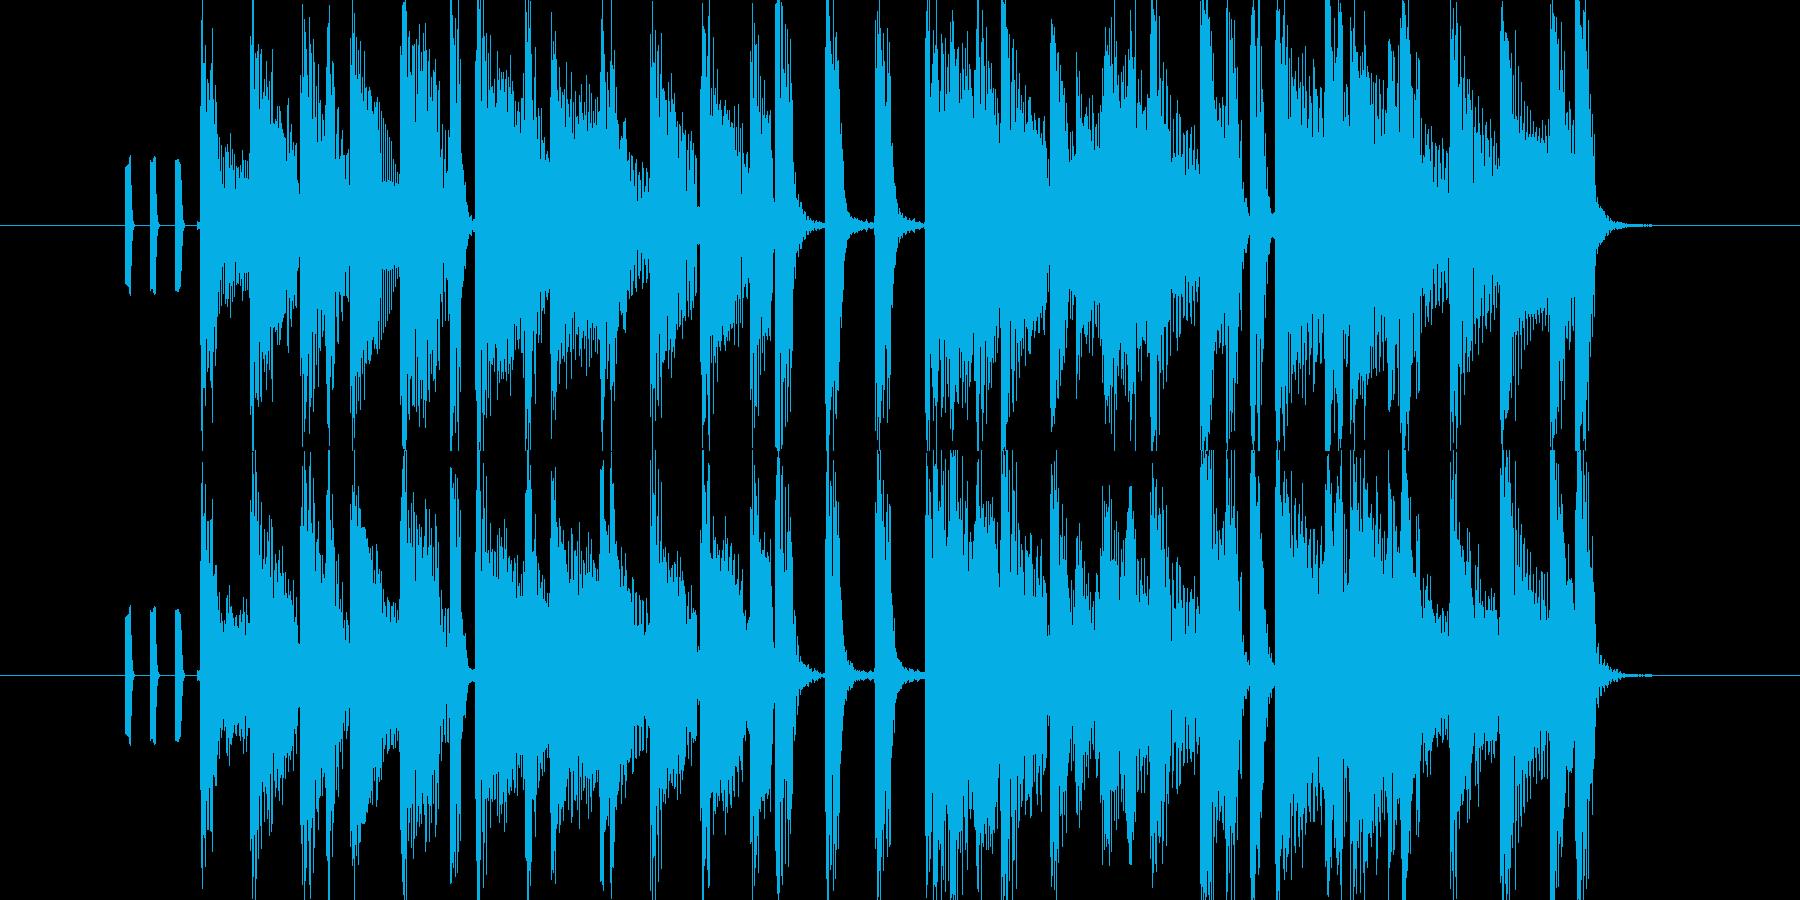 オープニングにピッタリのポップなBGMの再生済みの波形